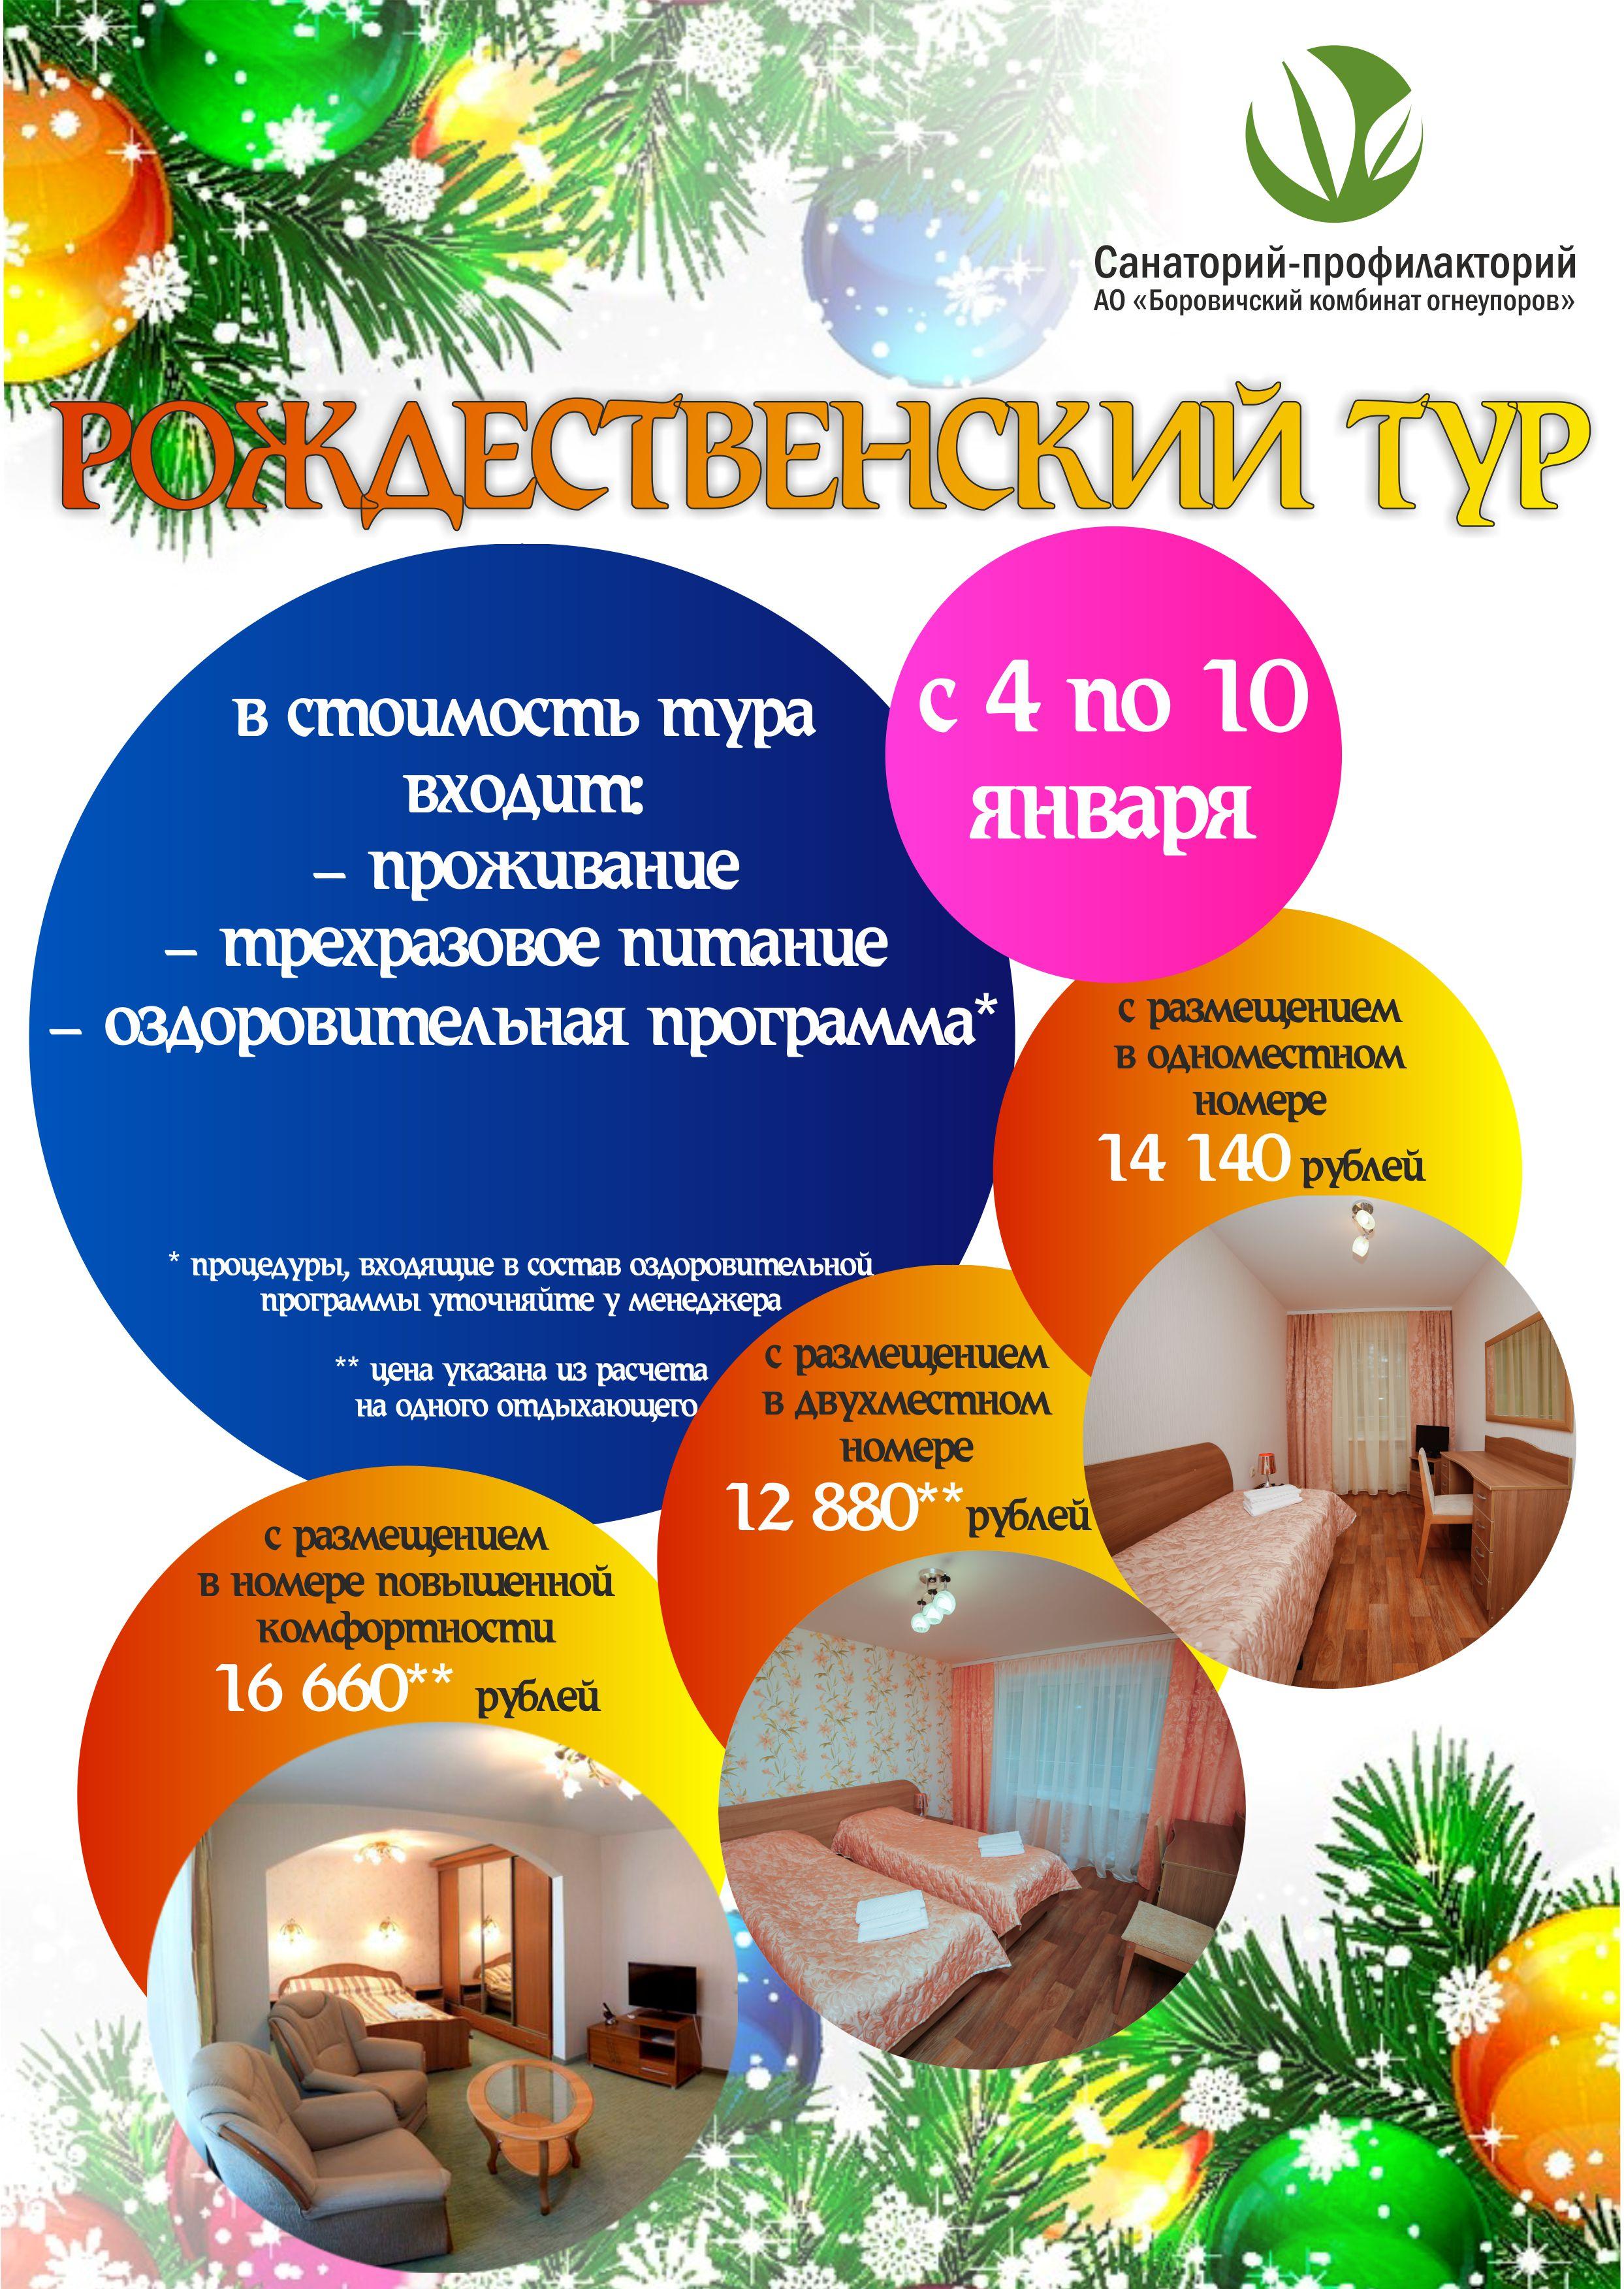 Санатории белоруссии лучшие в 2016